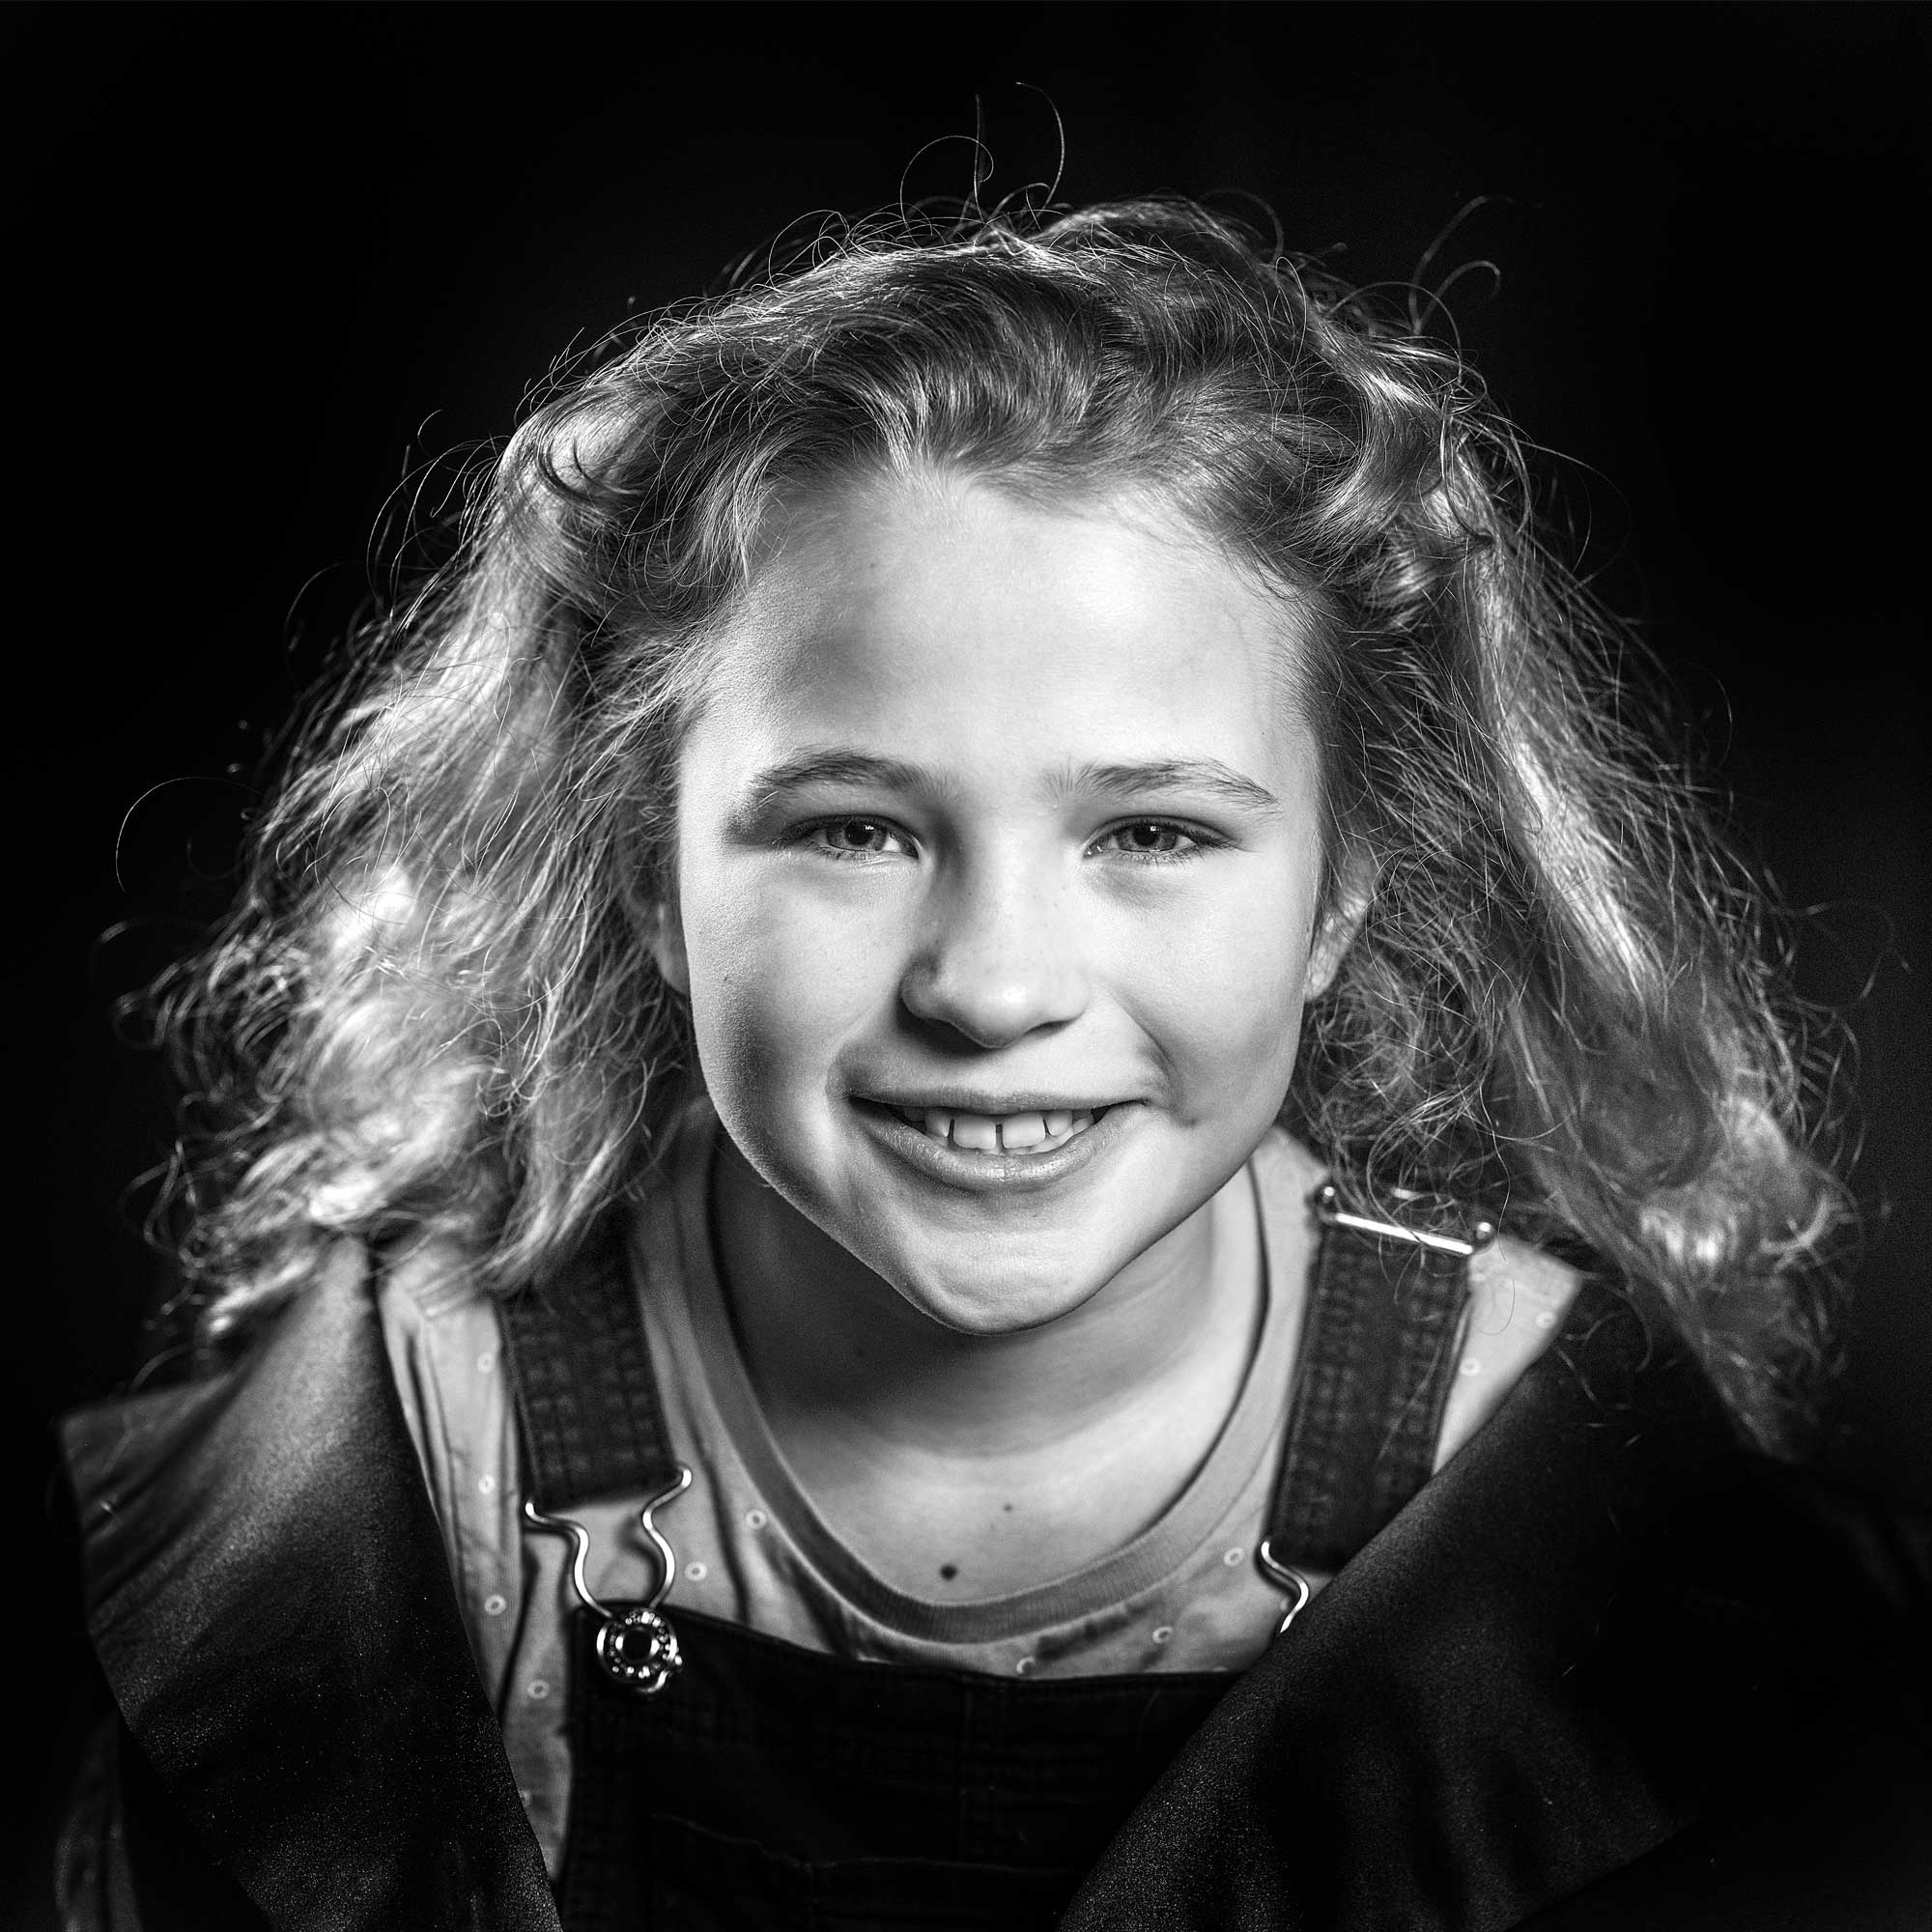 Portretfotografie Zwart-wit